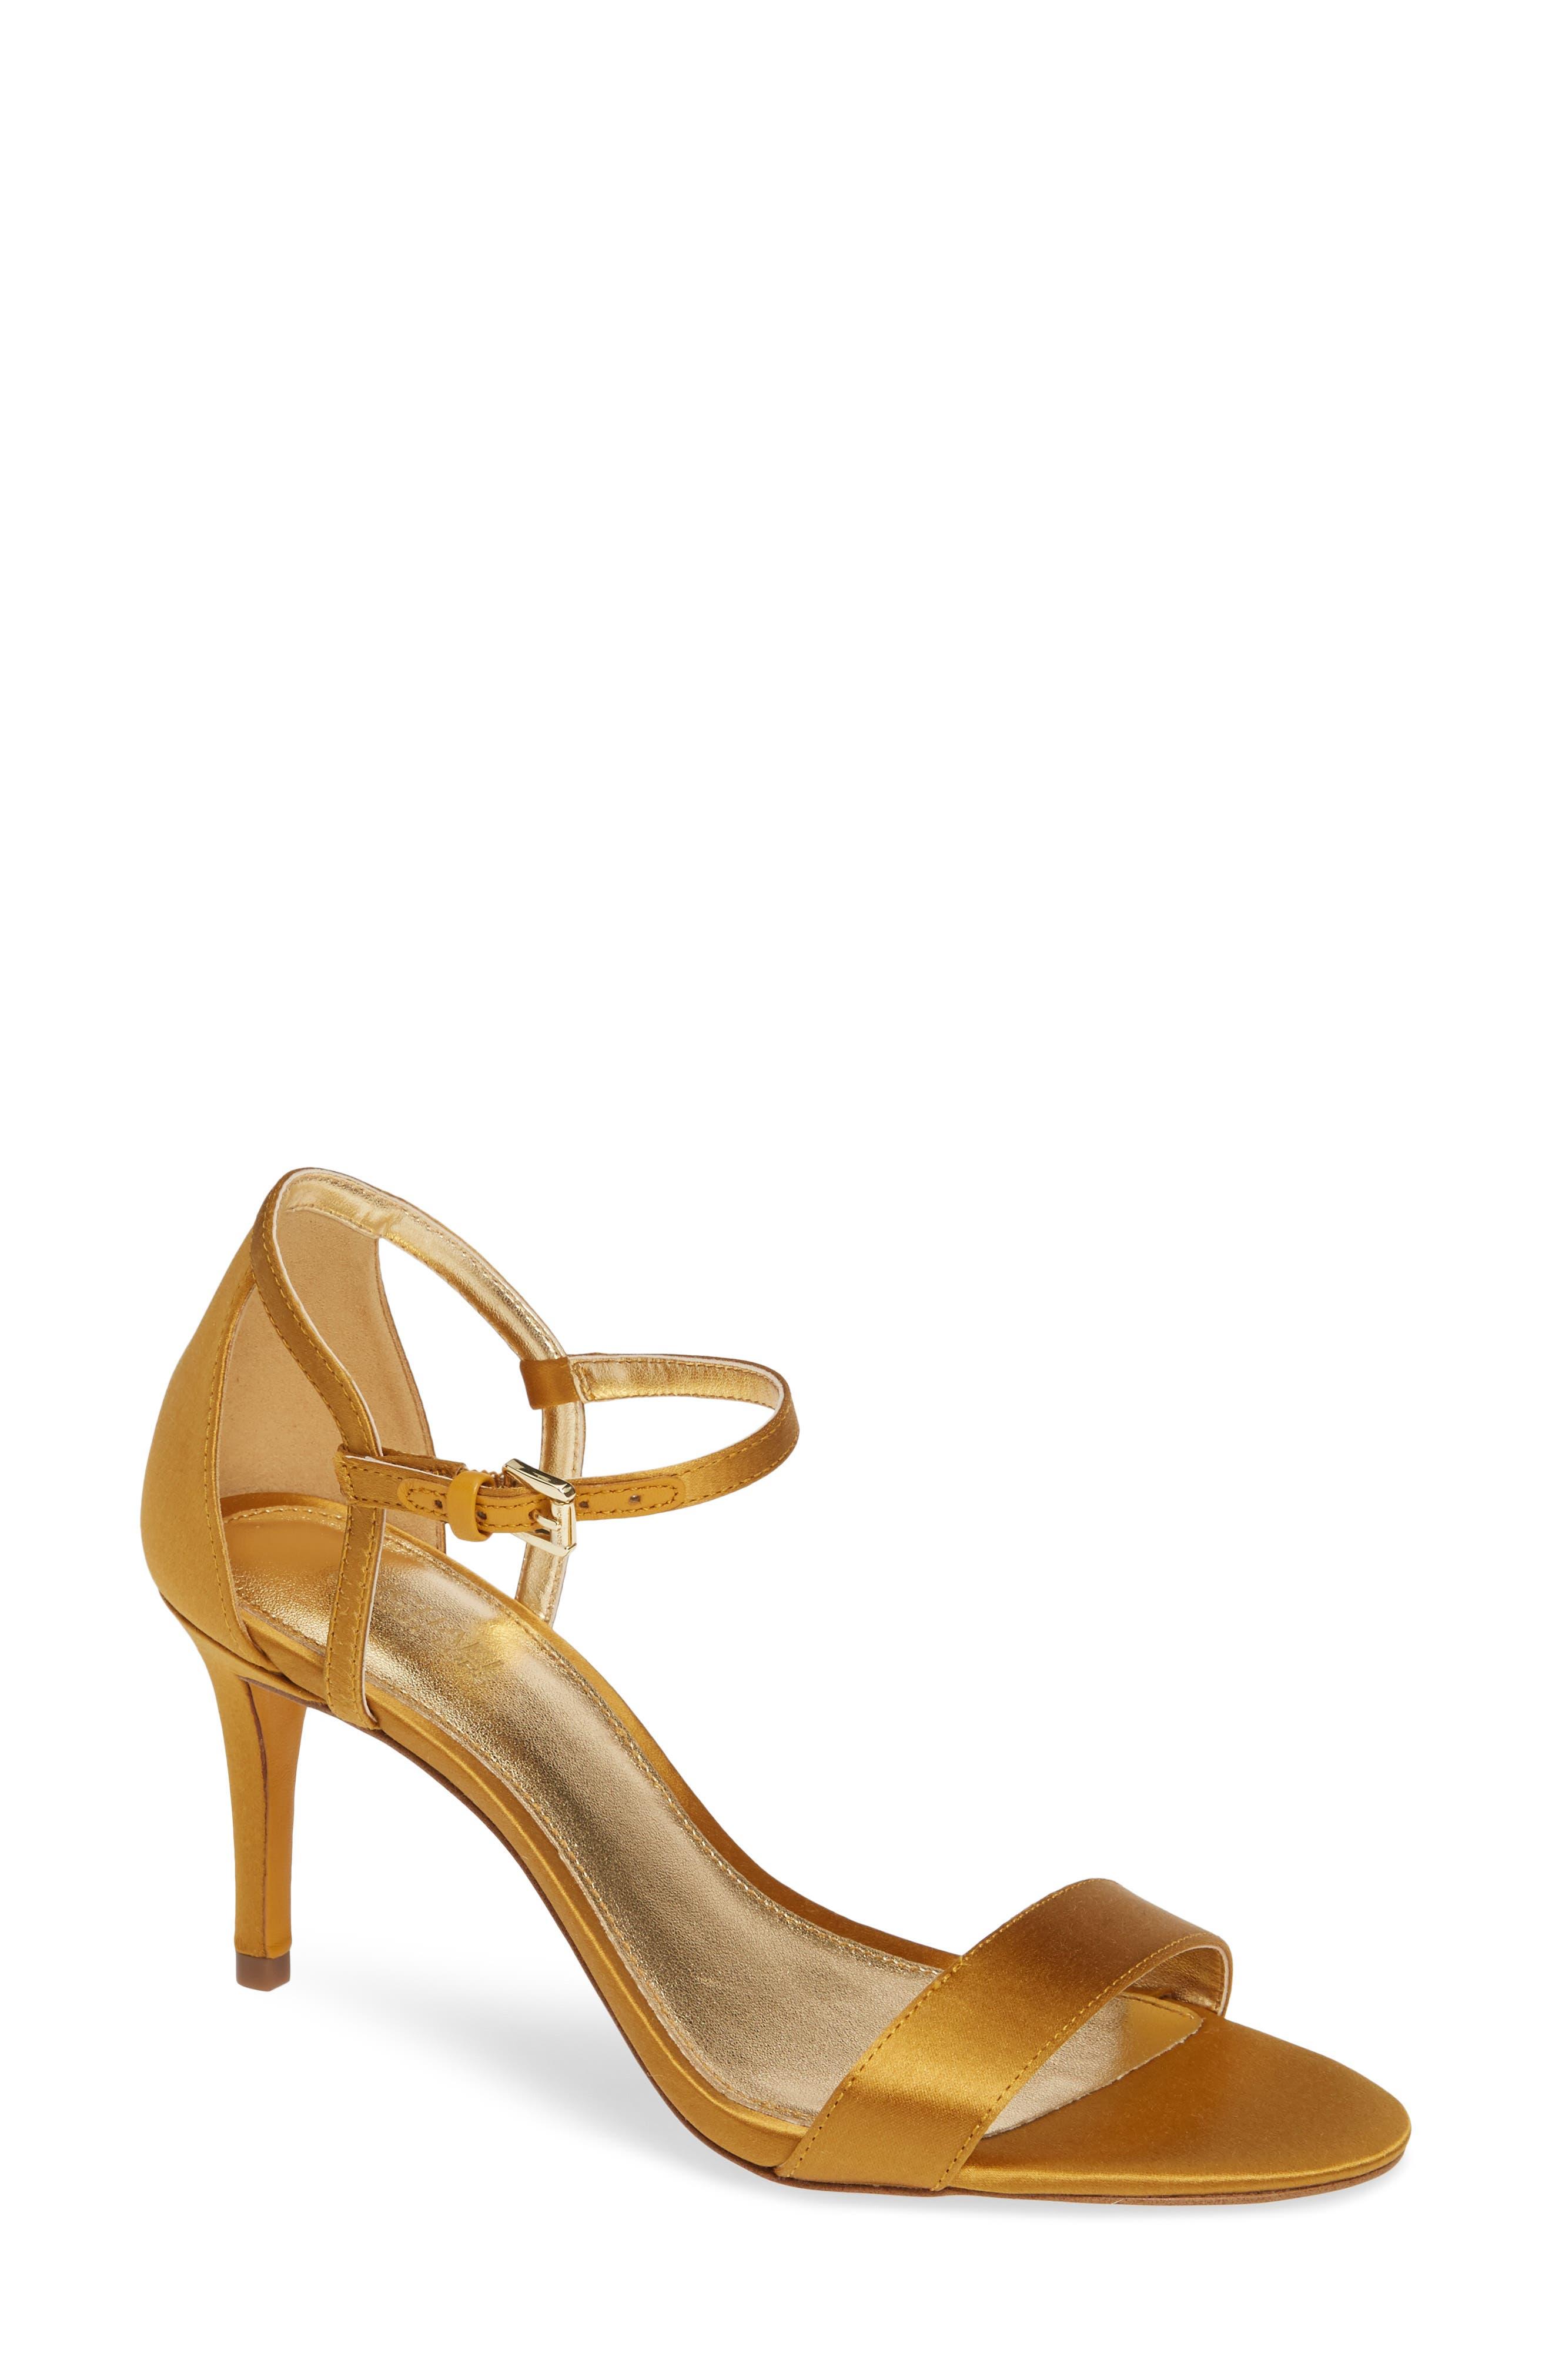 'Simone' Sandal,                             Main thumbnail 1, color,                             Marigold